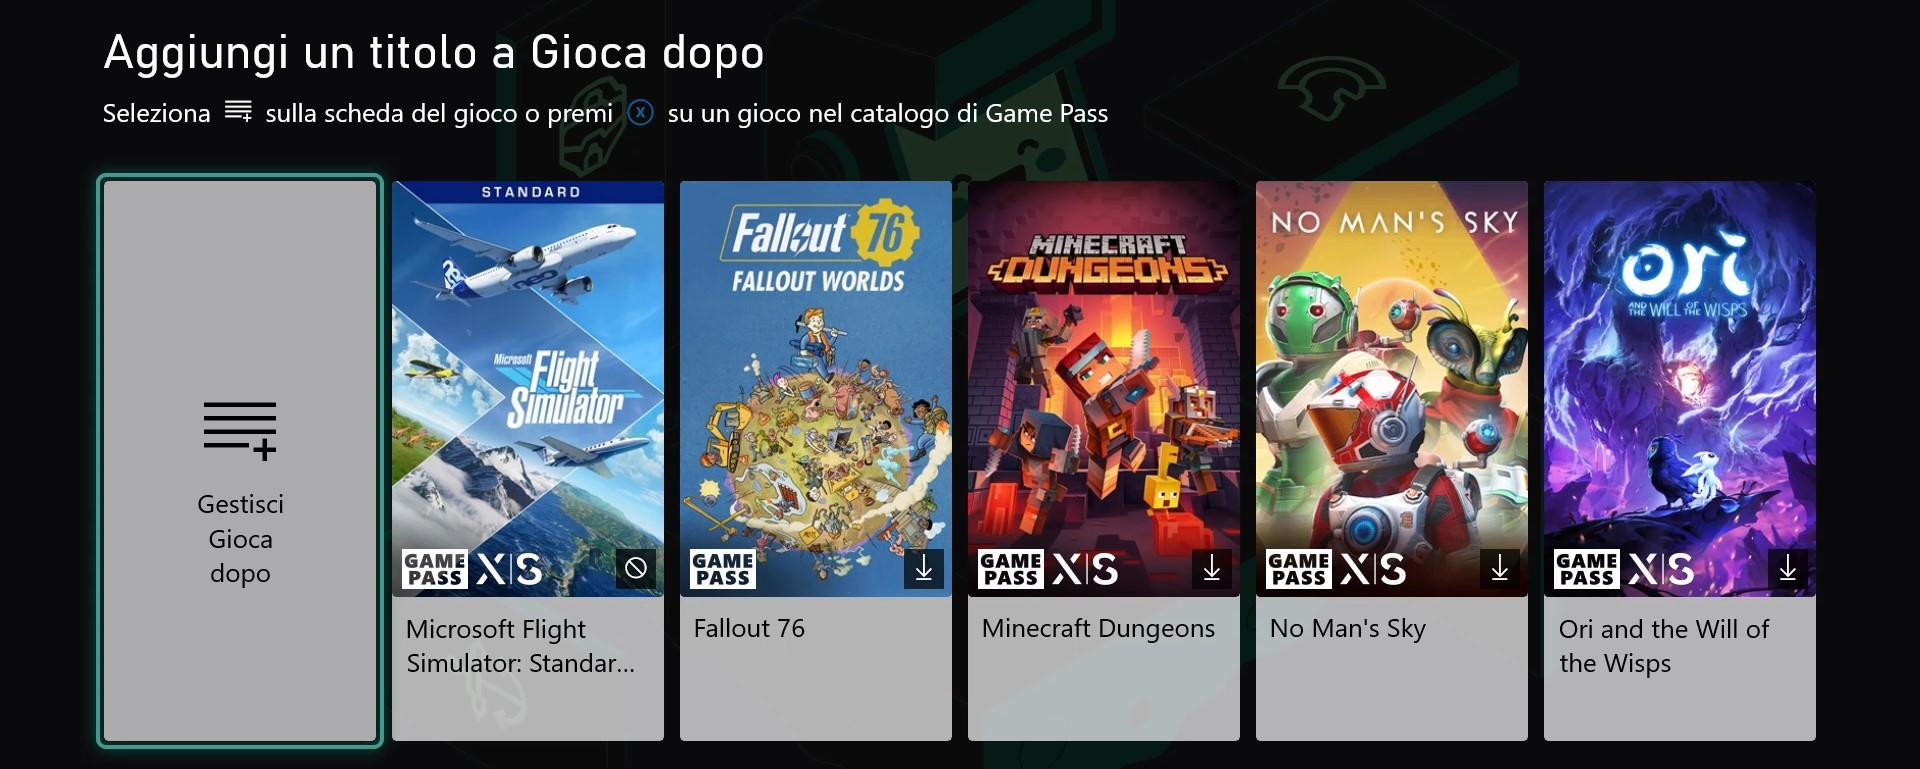 Xbox - Game Pass - Sezione Gioca dopo